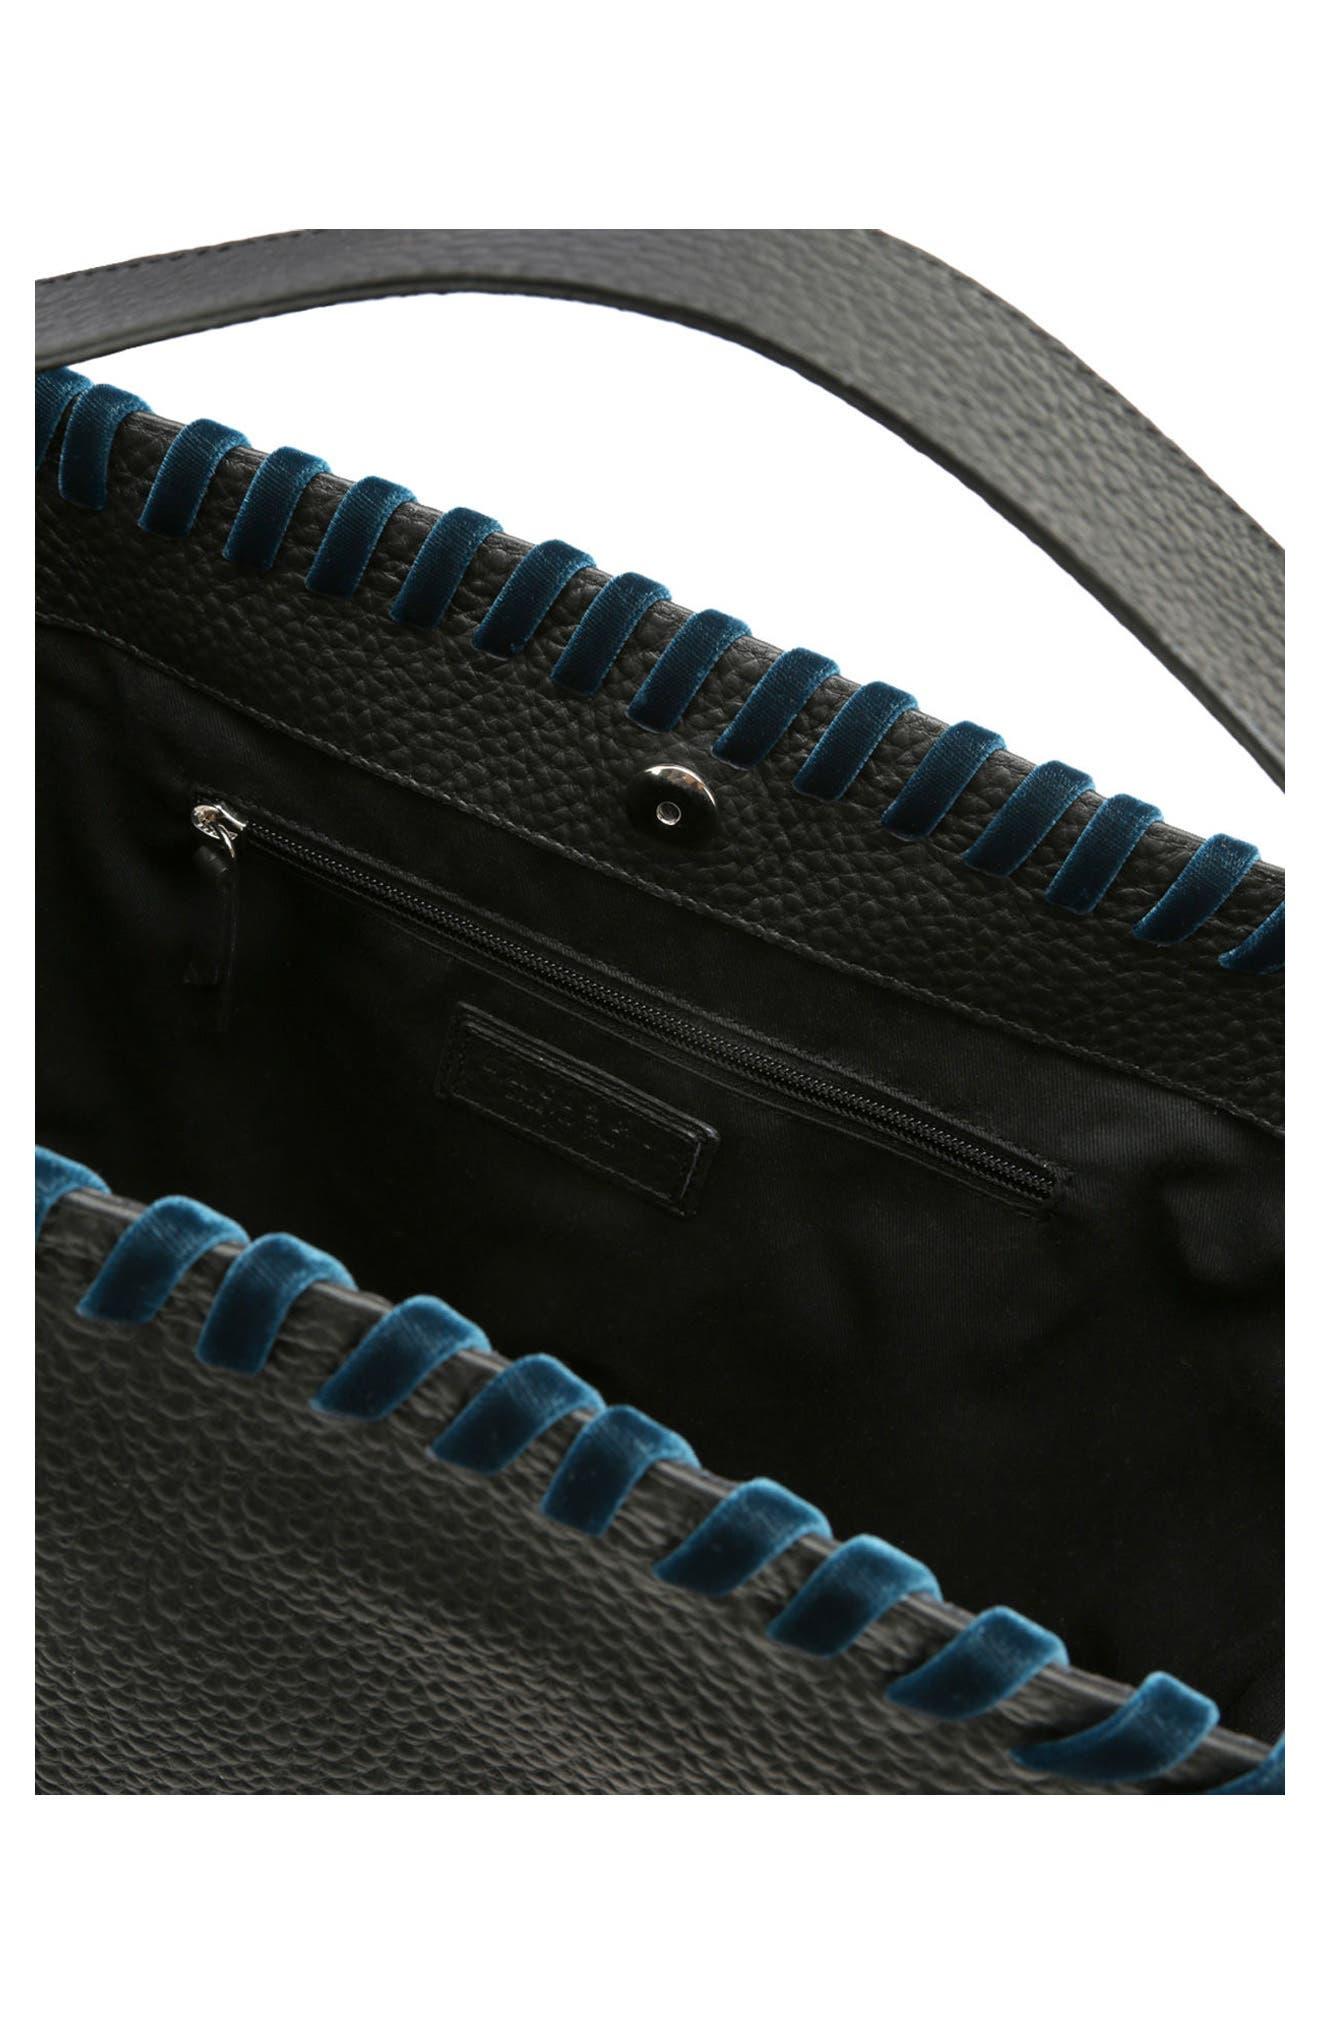 Noona Velvet Trim Calfskin Leather Tote,                             Alternate thumbnail 3, color,                             001